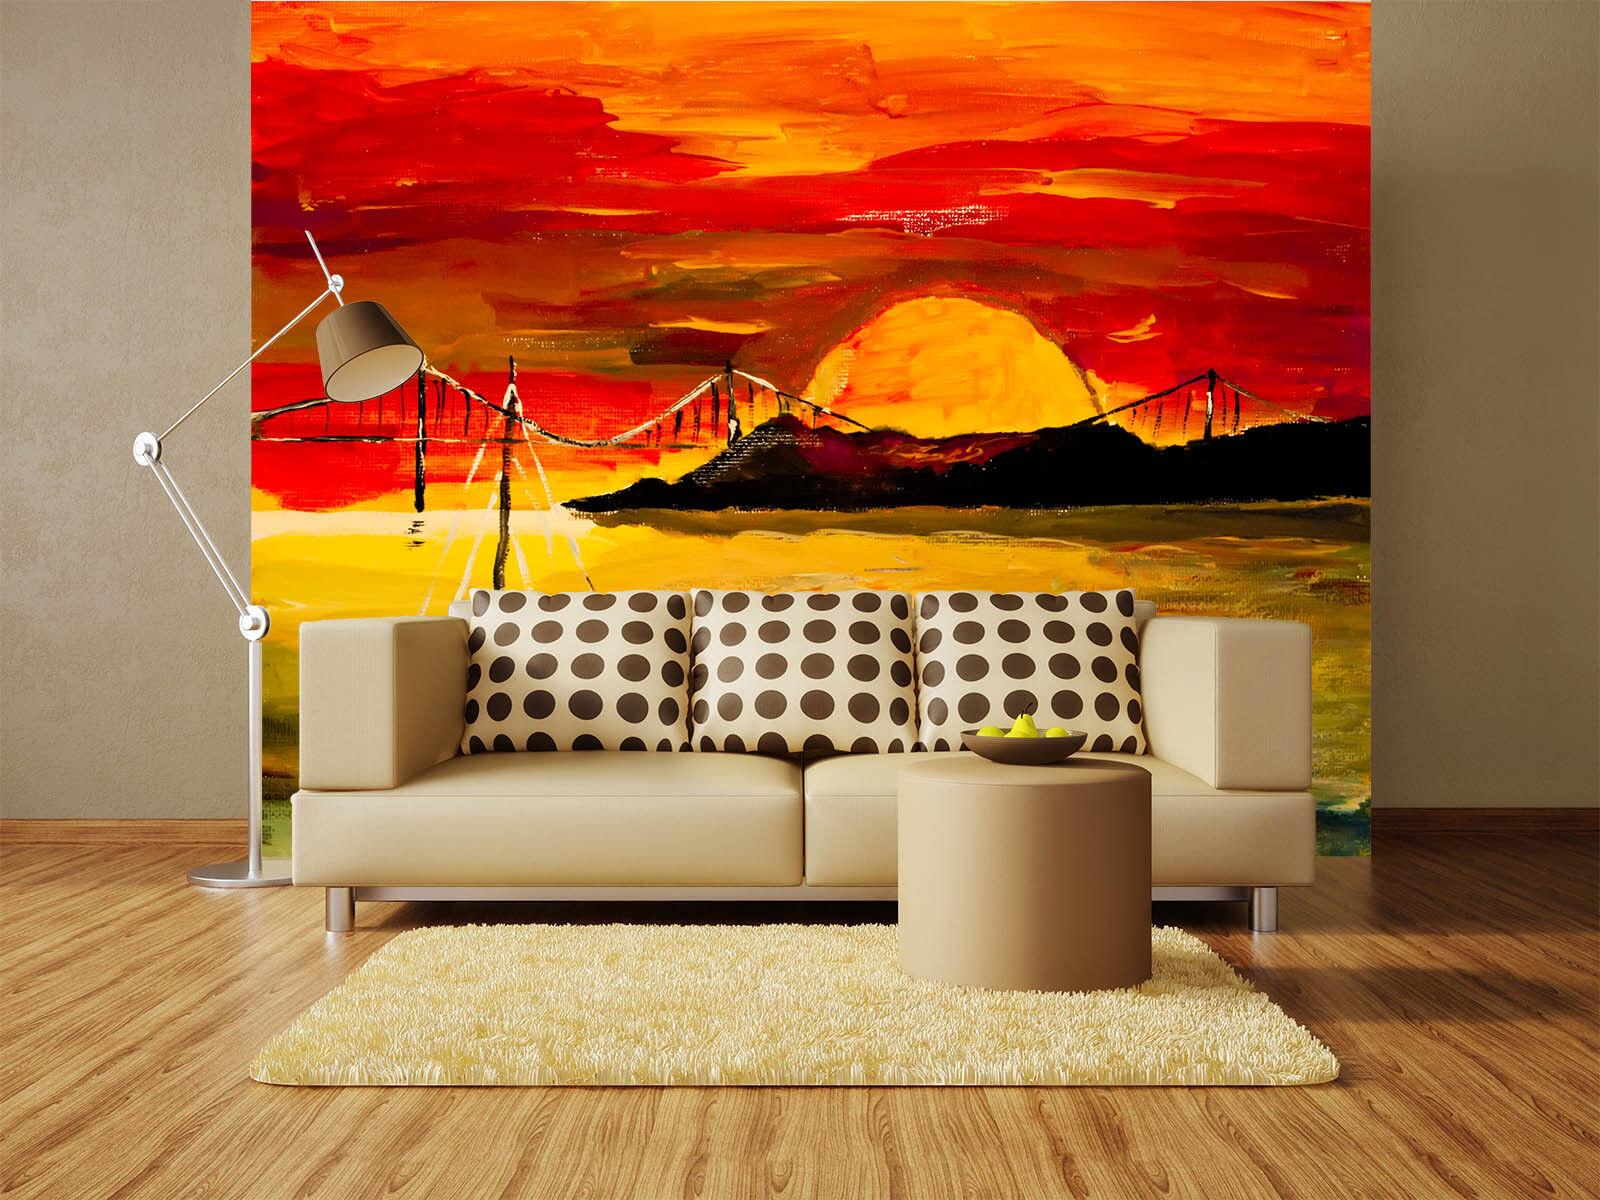 3D Sunset 554 Wallpaper Murals Wall Print Wallpaper Mural AJ WALL AU Summe